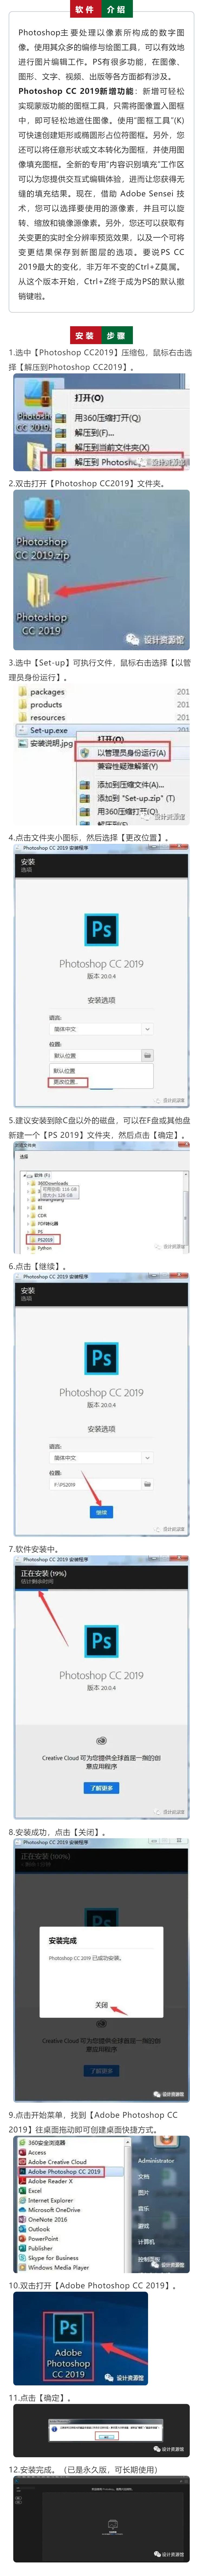 Photoshop CC2019 安装包及教程